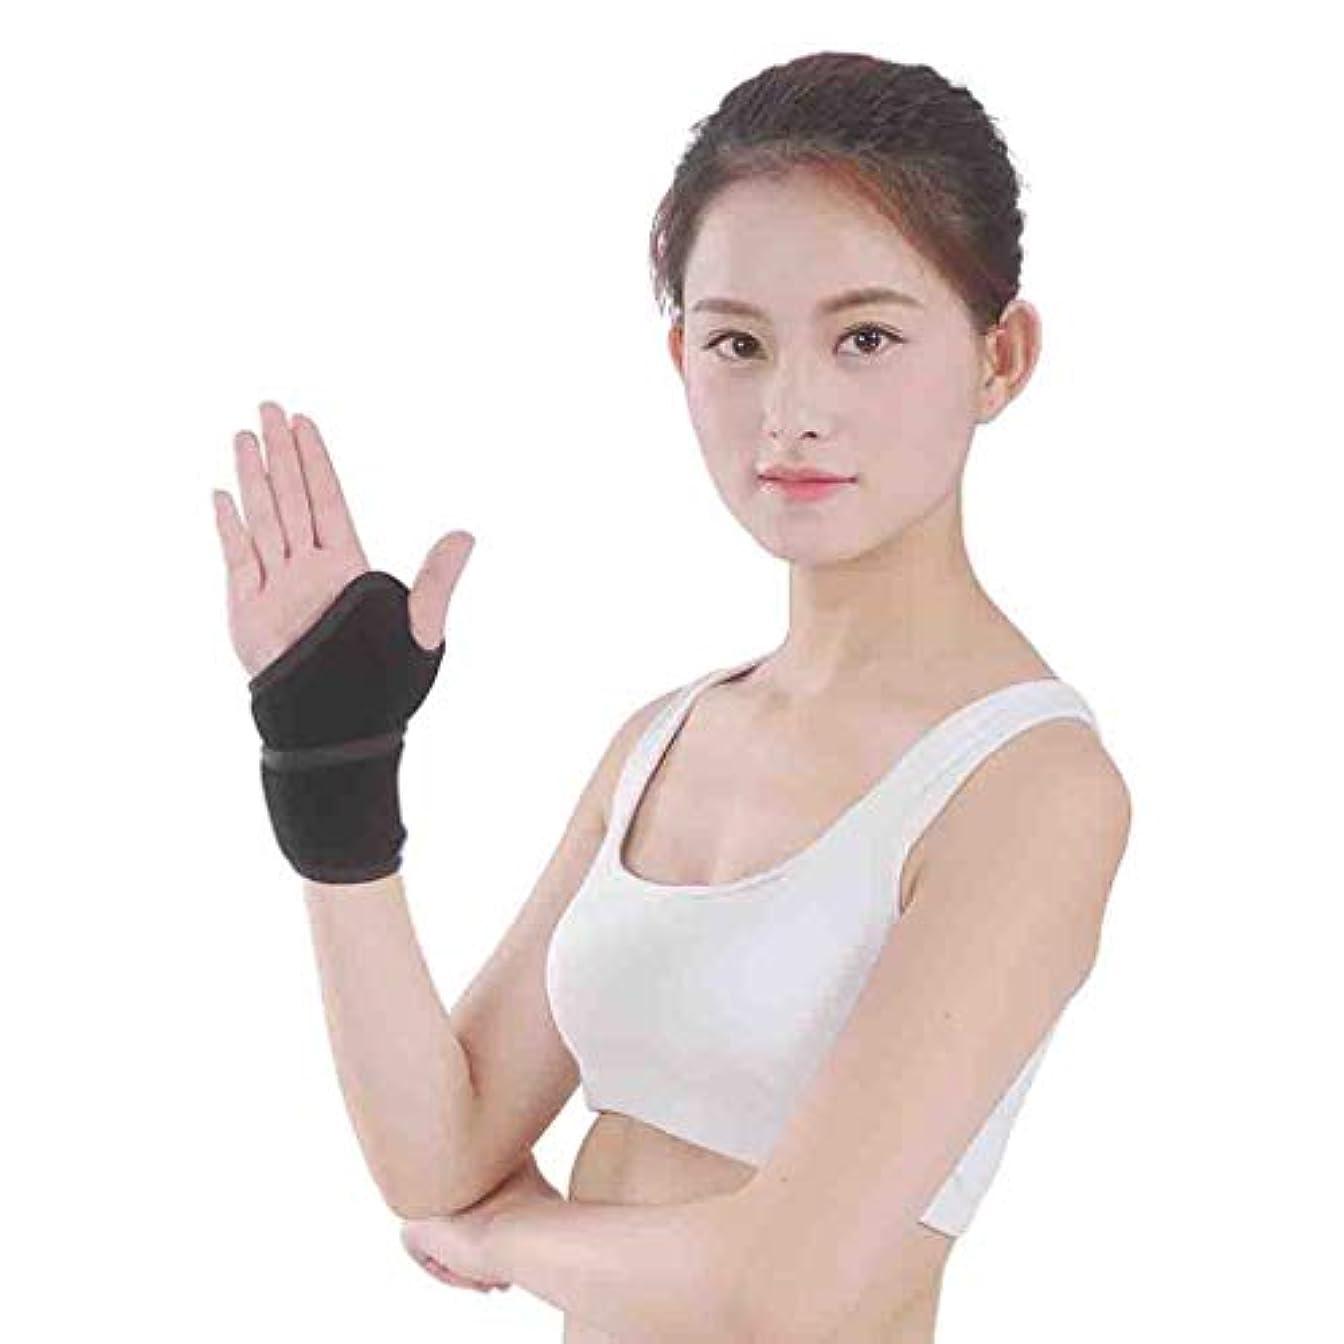 常にたとえ暫定の関節炎のための親指のスプリントベージュの親指のブレース関節炎や軟組織の傷害、軽量と通気性のための腱膜炎のリストバンド Roscloud@